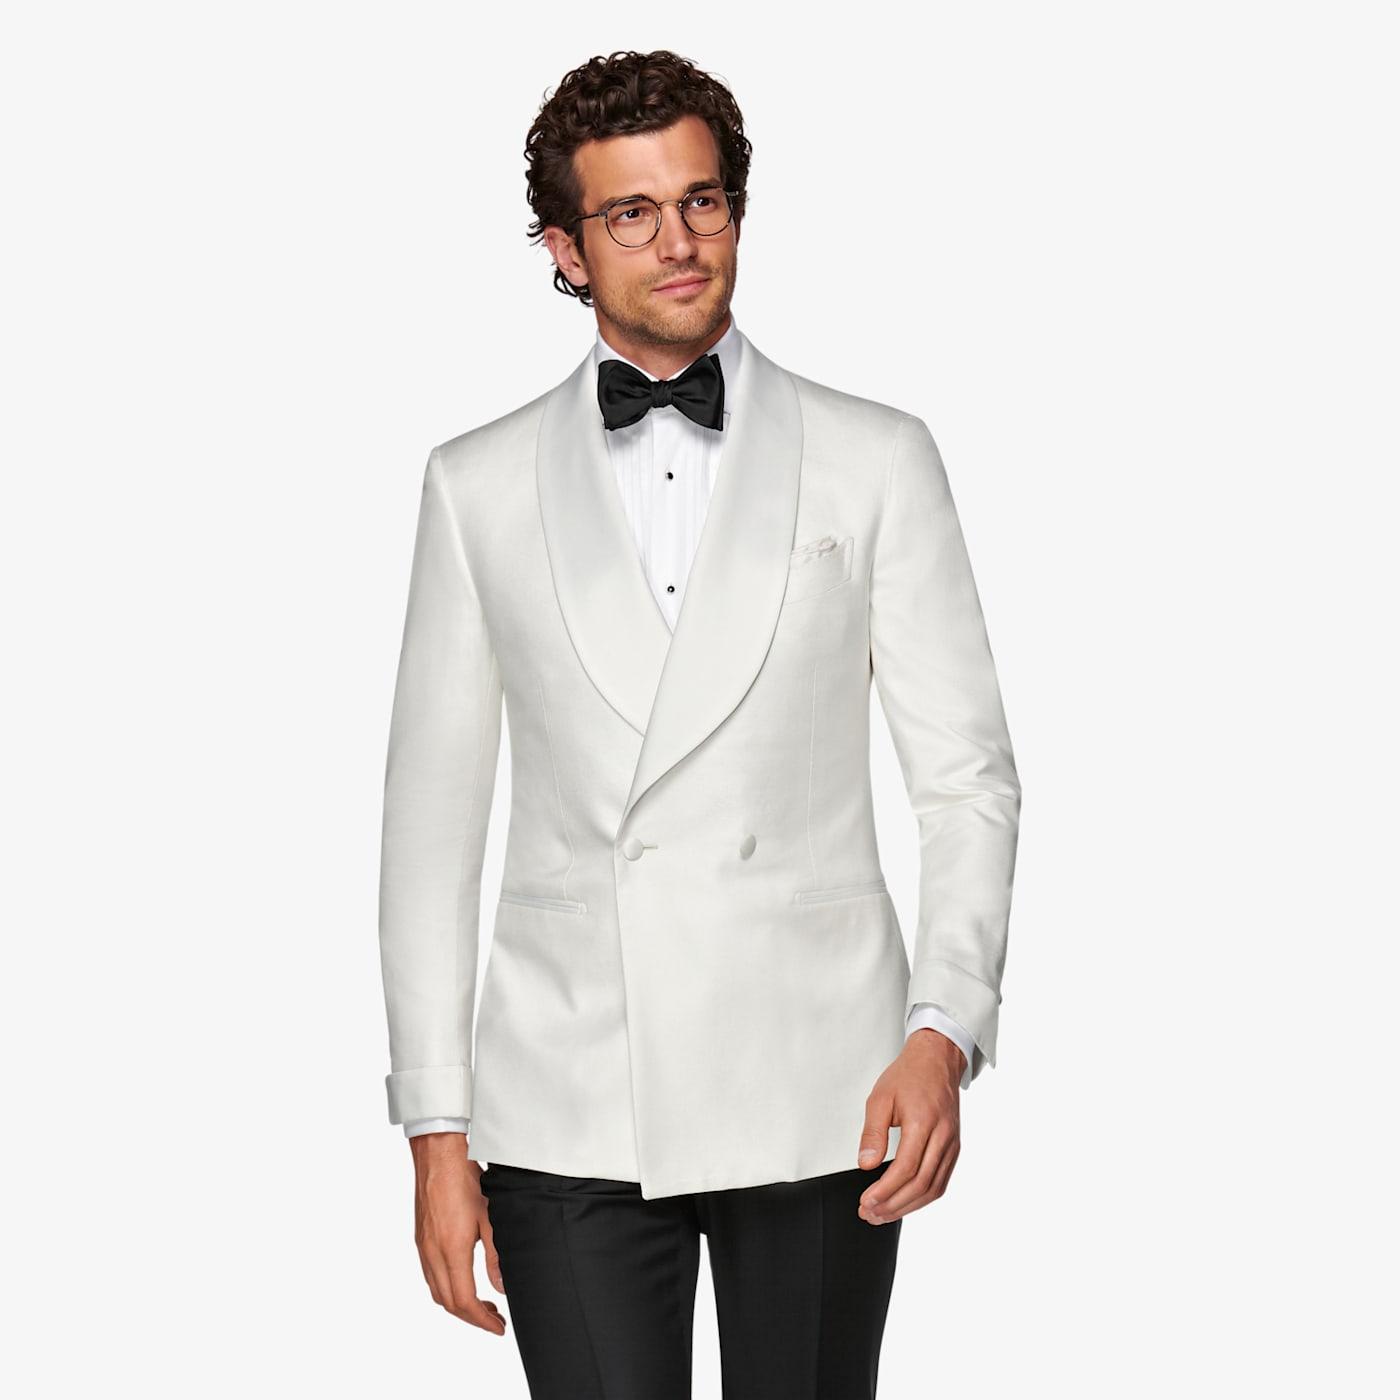 New Vintage Tuxedos, Tailcoats, Morning Suits, Dinner Jackets White Washington Tuxedo Jacket $399.00 AT vintagedancer.com